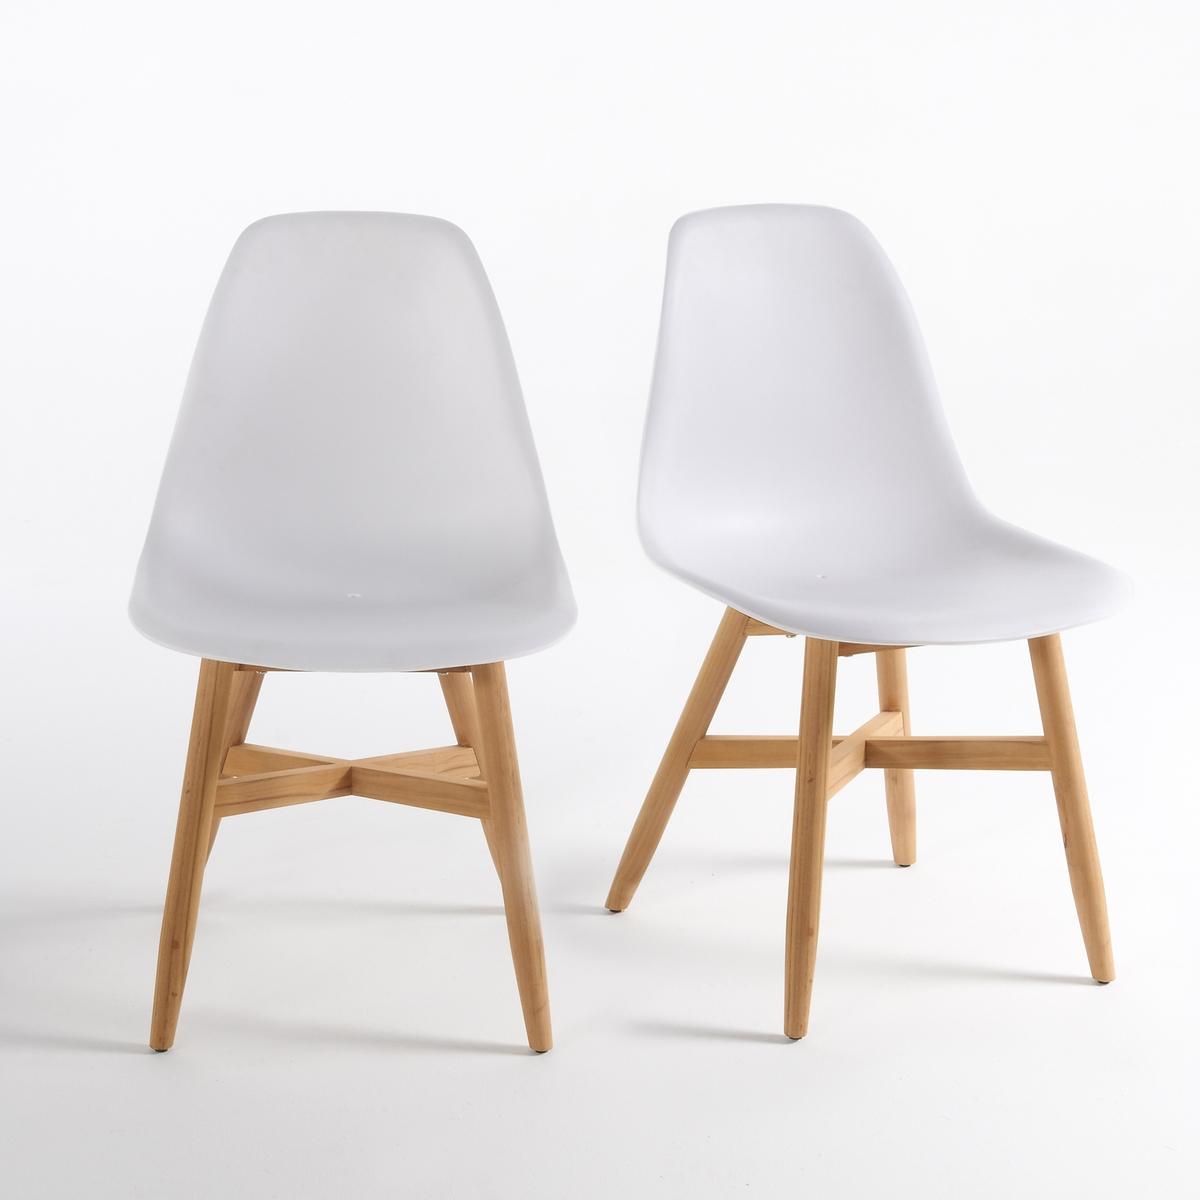 Комплект из 2 стульев для сада с сиденьем в форме раковины, Jimi2 стула для сада с сиденьем в форме раковины, Jimi. Популярные стулья для сада Jimi с прочным сиденьем в форме раковины из полипропилена и устойчивой ножкой из тика FSC®*.Характеристики стульев для сада в форме раковины Jimi :Сиденье из полипропилена .Расширяющиеся ножки из тика FSC®*, с натуральной отделкой .Всю коллекцию садовой мебели, а также кресла Jimi вы можете найти на сайте laredoute.ruРазмеры стульев для сада Jimi :Общие размерыДлина : 46 смВысота : 82 смГлубина : 40 смСиденье : Ш.41,5 x Г.47 см Размеры и вес упаковки :1 упаковка :60 x 56 x В.51 см 9 кгДоставка:Товар продается готовым к сборке.Возможна доставка до двери по предварительной договоренности.Внимание! Убедитесь, что возможно осуществить доставку товара, учитывая его габариты (проходит в дверные проемы, лестничные проходы, лифты).*Ярлык FSC - Международный Лесной попечительский совет- гарантирует бережное использование природных ресурсов, сохранение биологического разнообразия и местных видов ® 1996 FSC.<br><br>Цвет: белый,черный